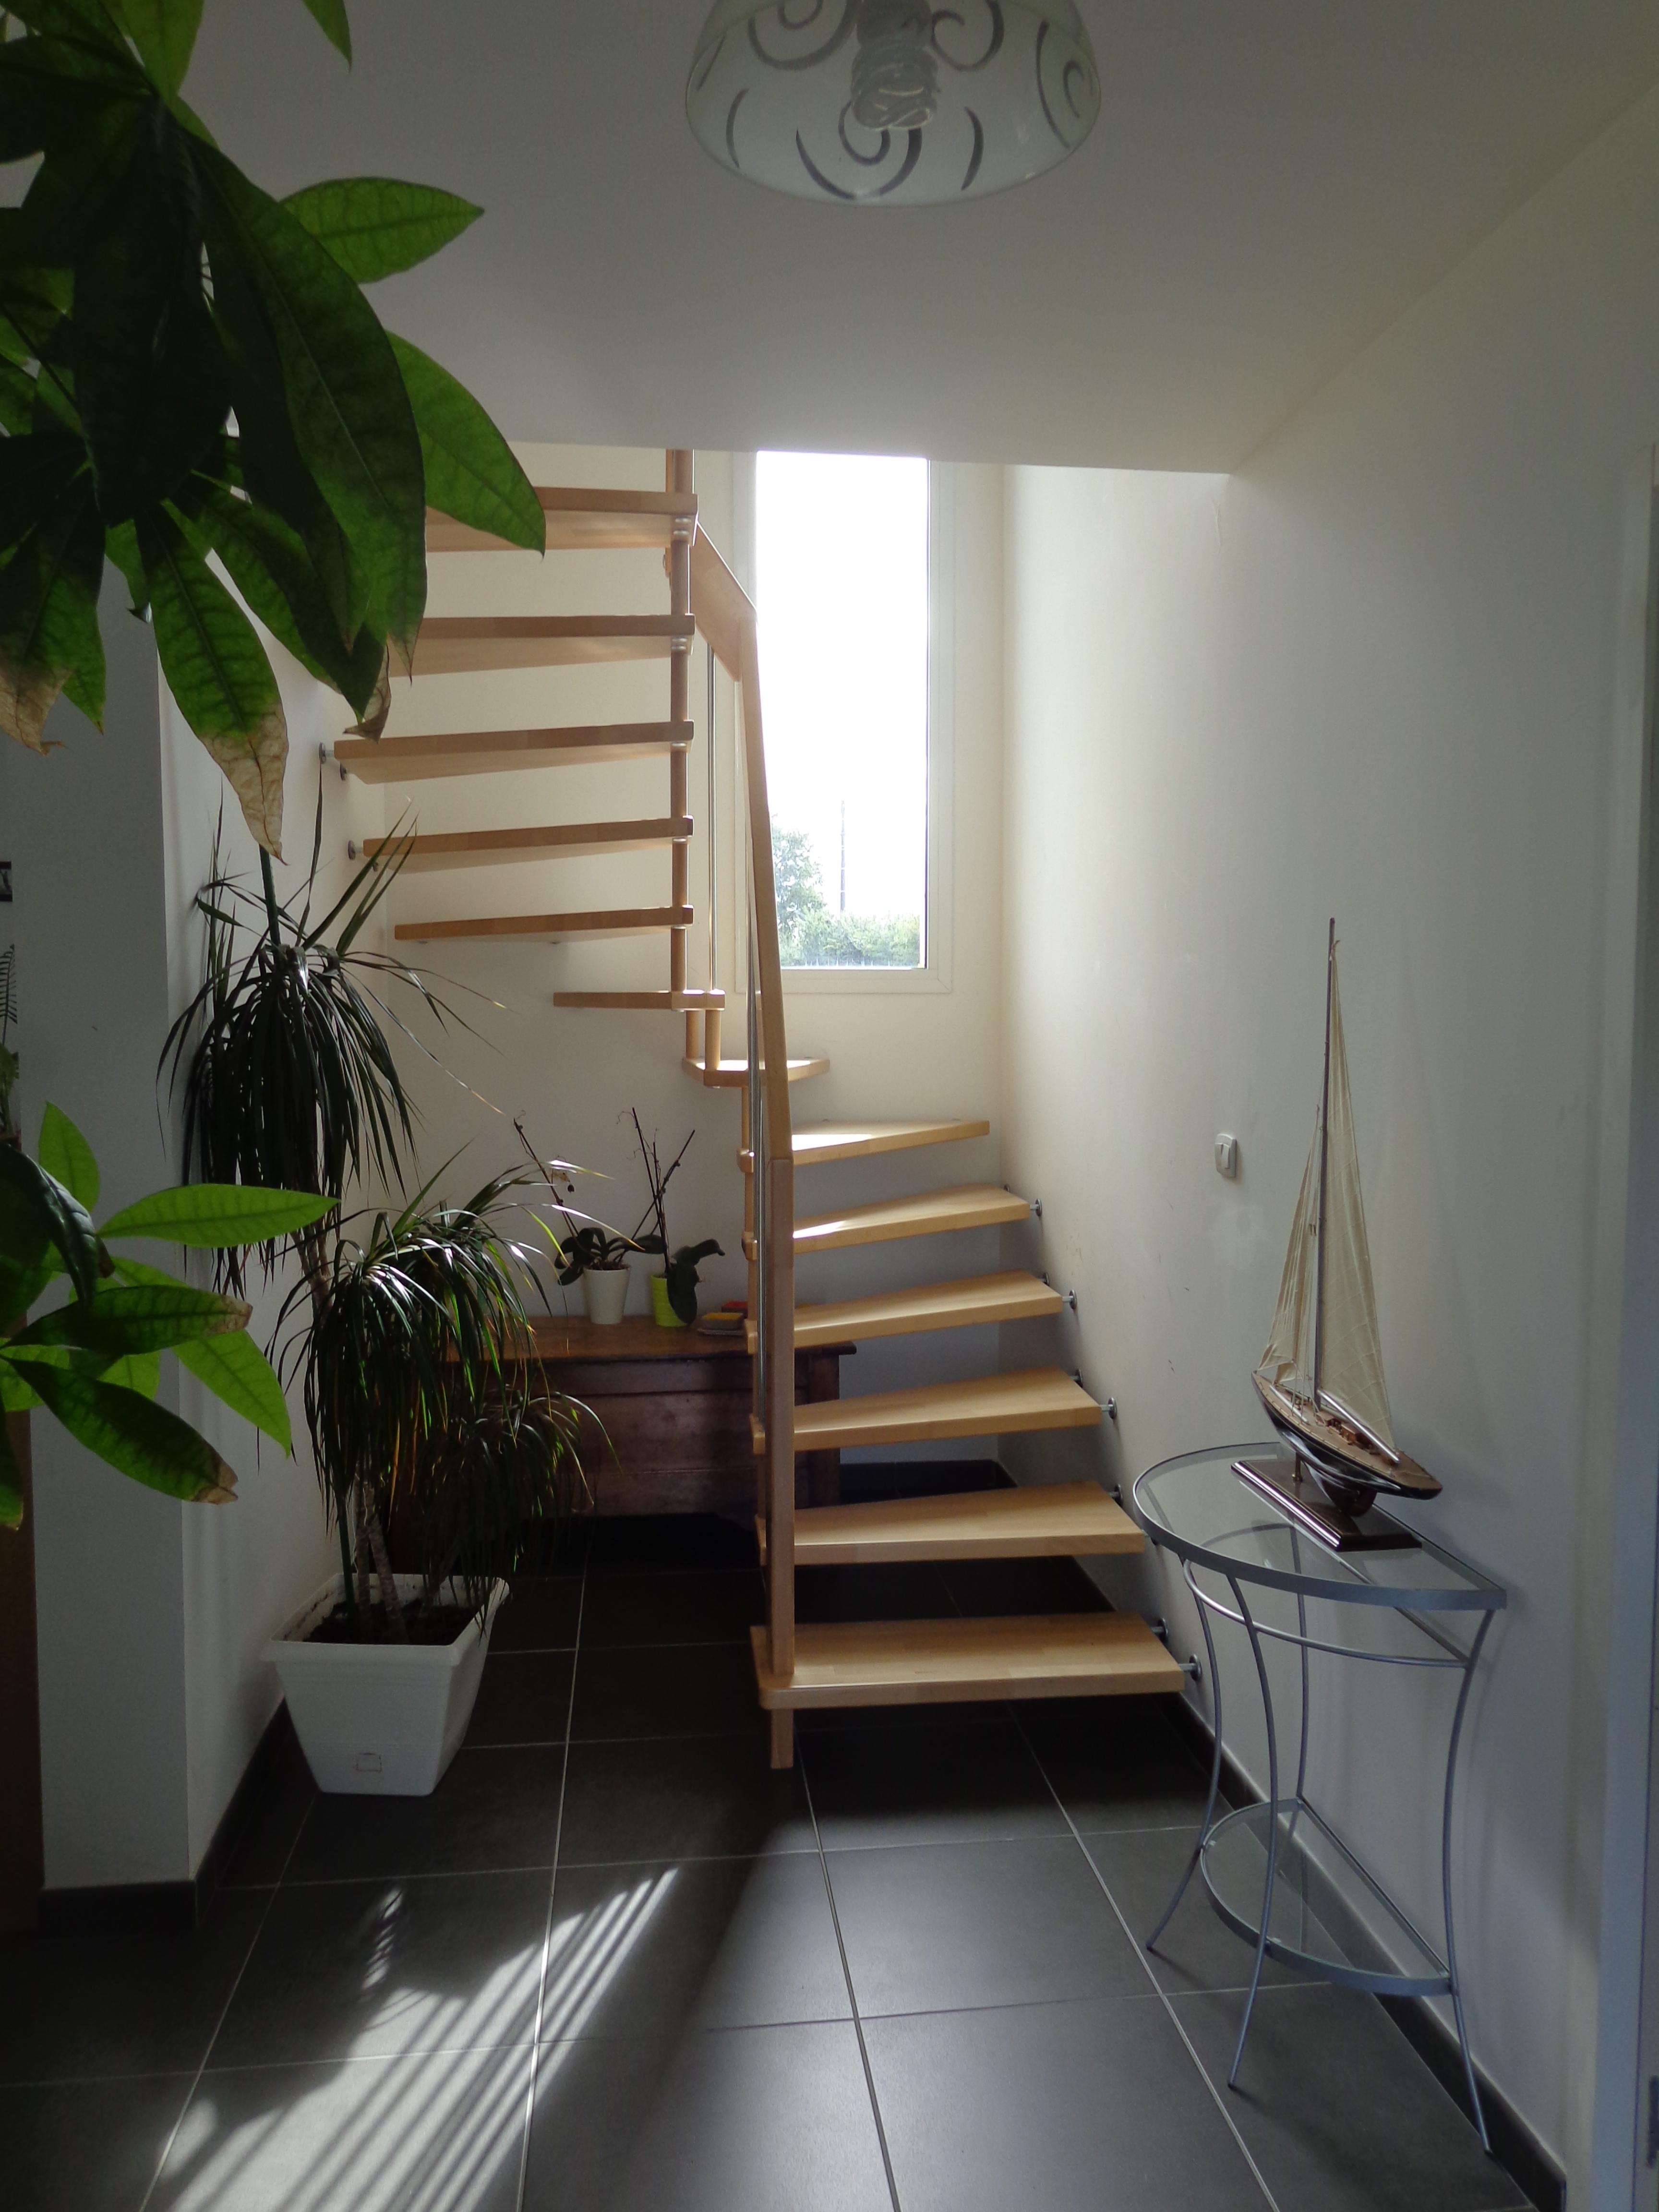 Escalier gamme Viva